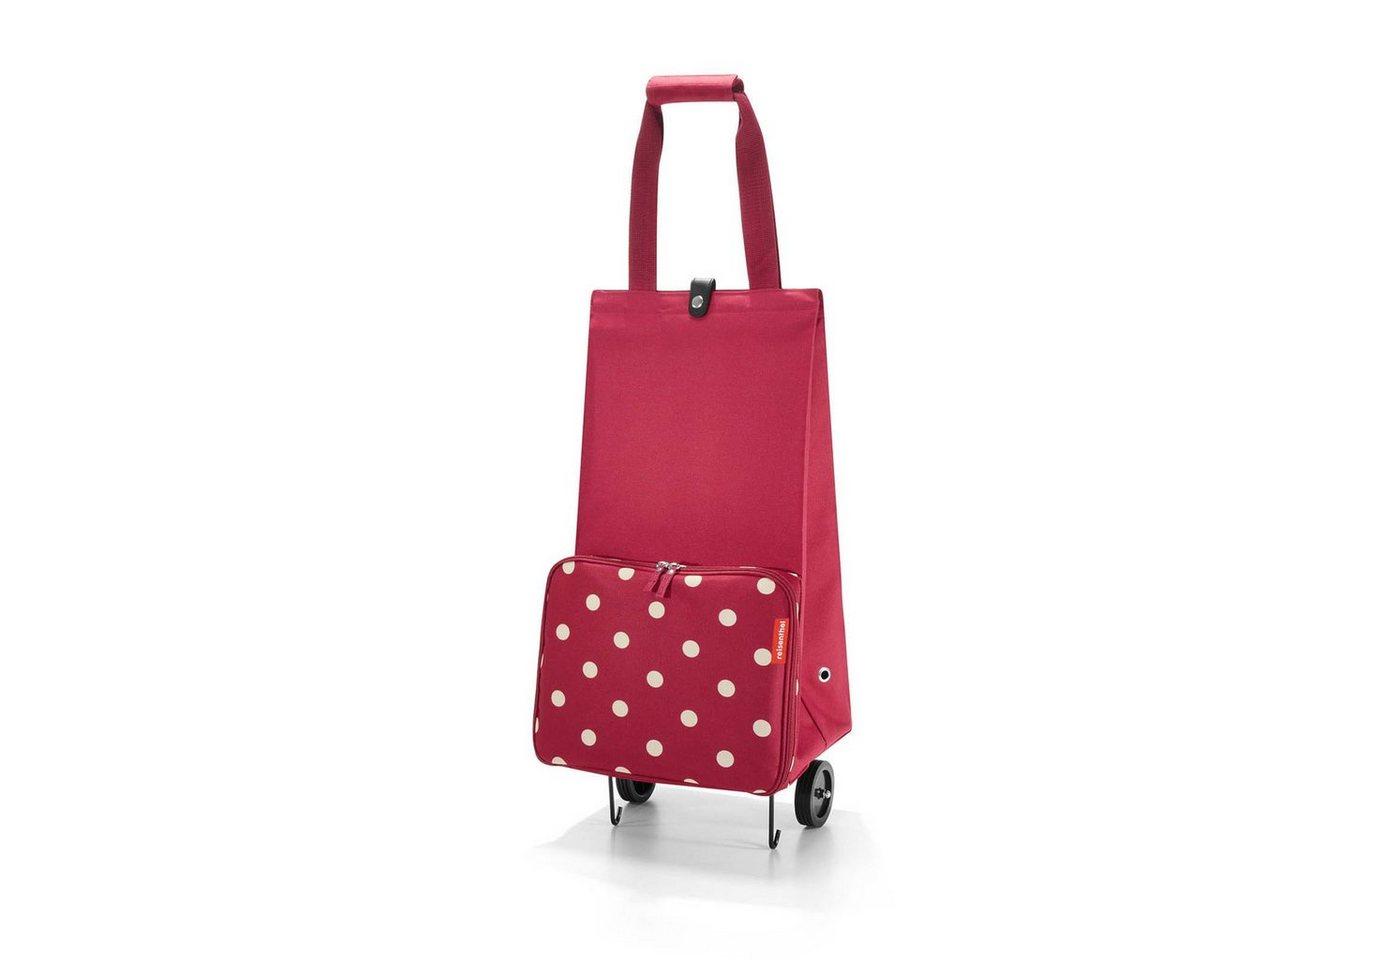 REISENTHEL® Einkaufstrolley faltbar »foldabletrolley« | Taschen > Handtaschen > Einkaufstasche | Polyester | REISENTHEL®